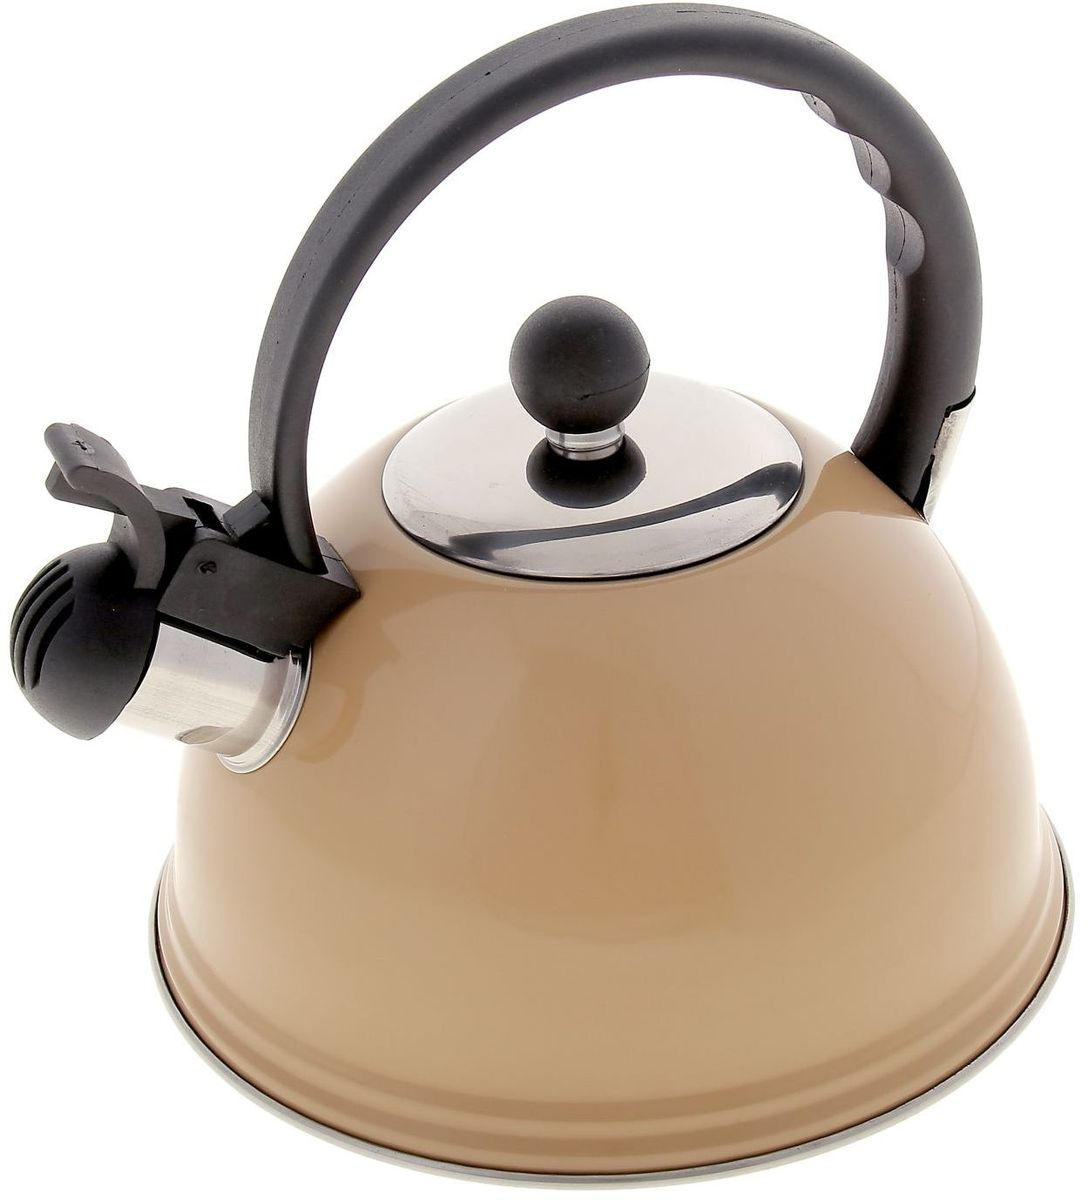 Чайник Доляна Элит, со свистком, цвет: бежевый, 1 лTP-9351.1000Чайник выполнен из высококачественной нержавеющей стали, что обеспечивает долговечность использования. Внешнее зеркальное покрытие придает приятный внешний вид. Бакелитовая ручка делает использование чайника очень удобным и безопасным. Можно мыть в посудомоечной машине. Пригоден для всех видов плит, кроме индукционных.